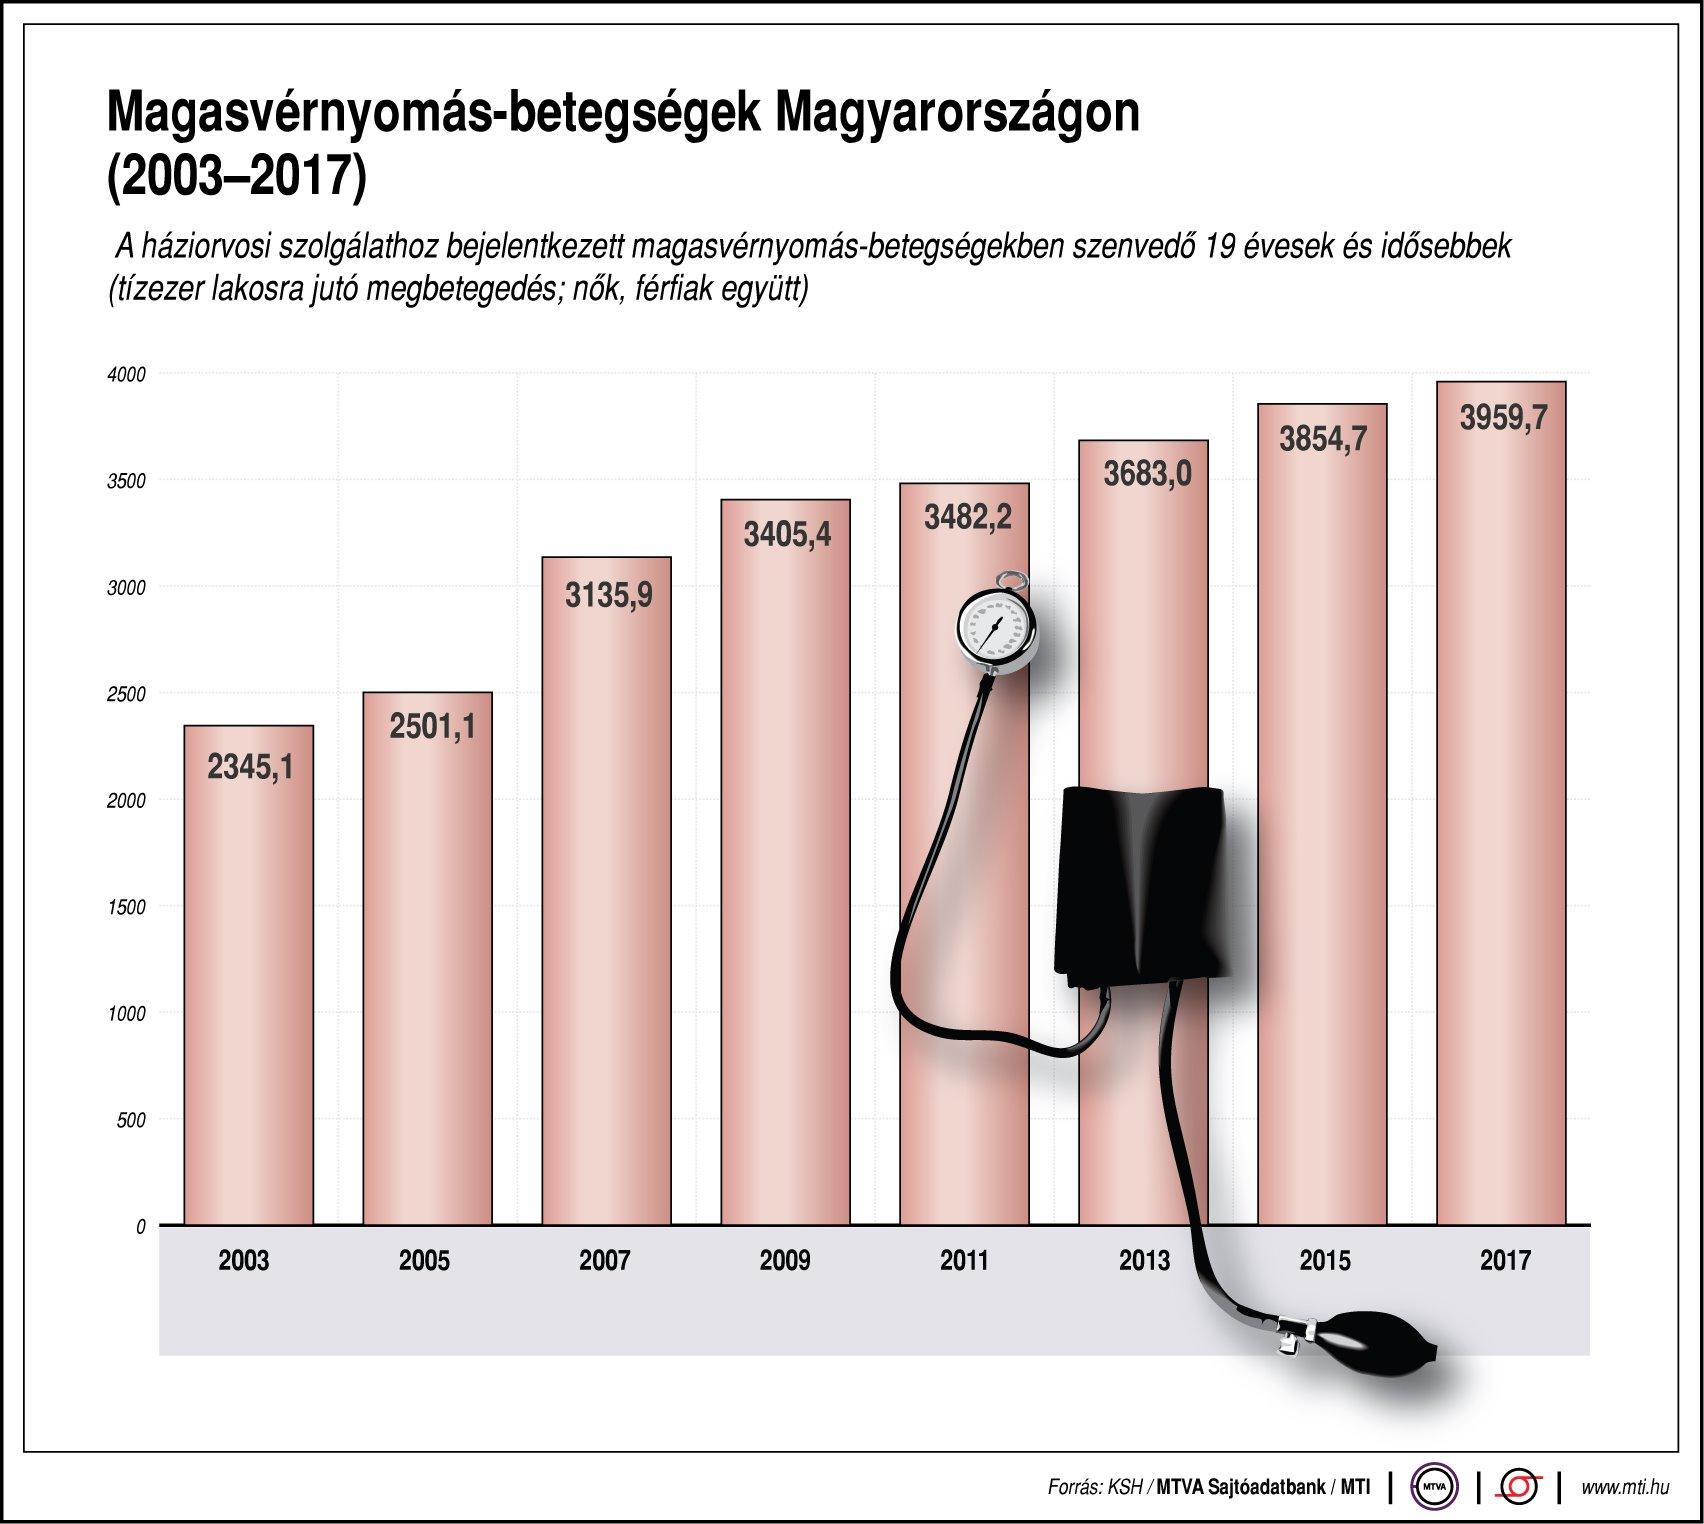 magas vérnyomás kezelés könyv Fiziotének magas vérnyomás esetén